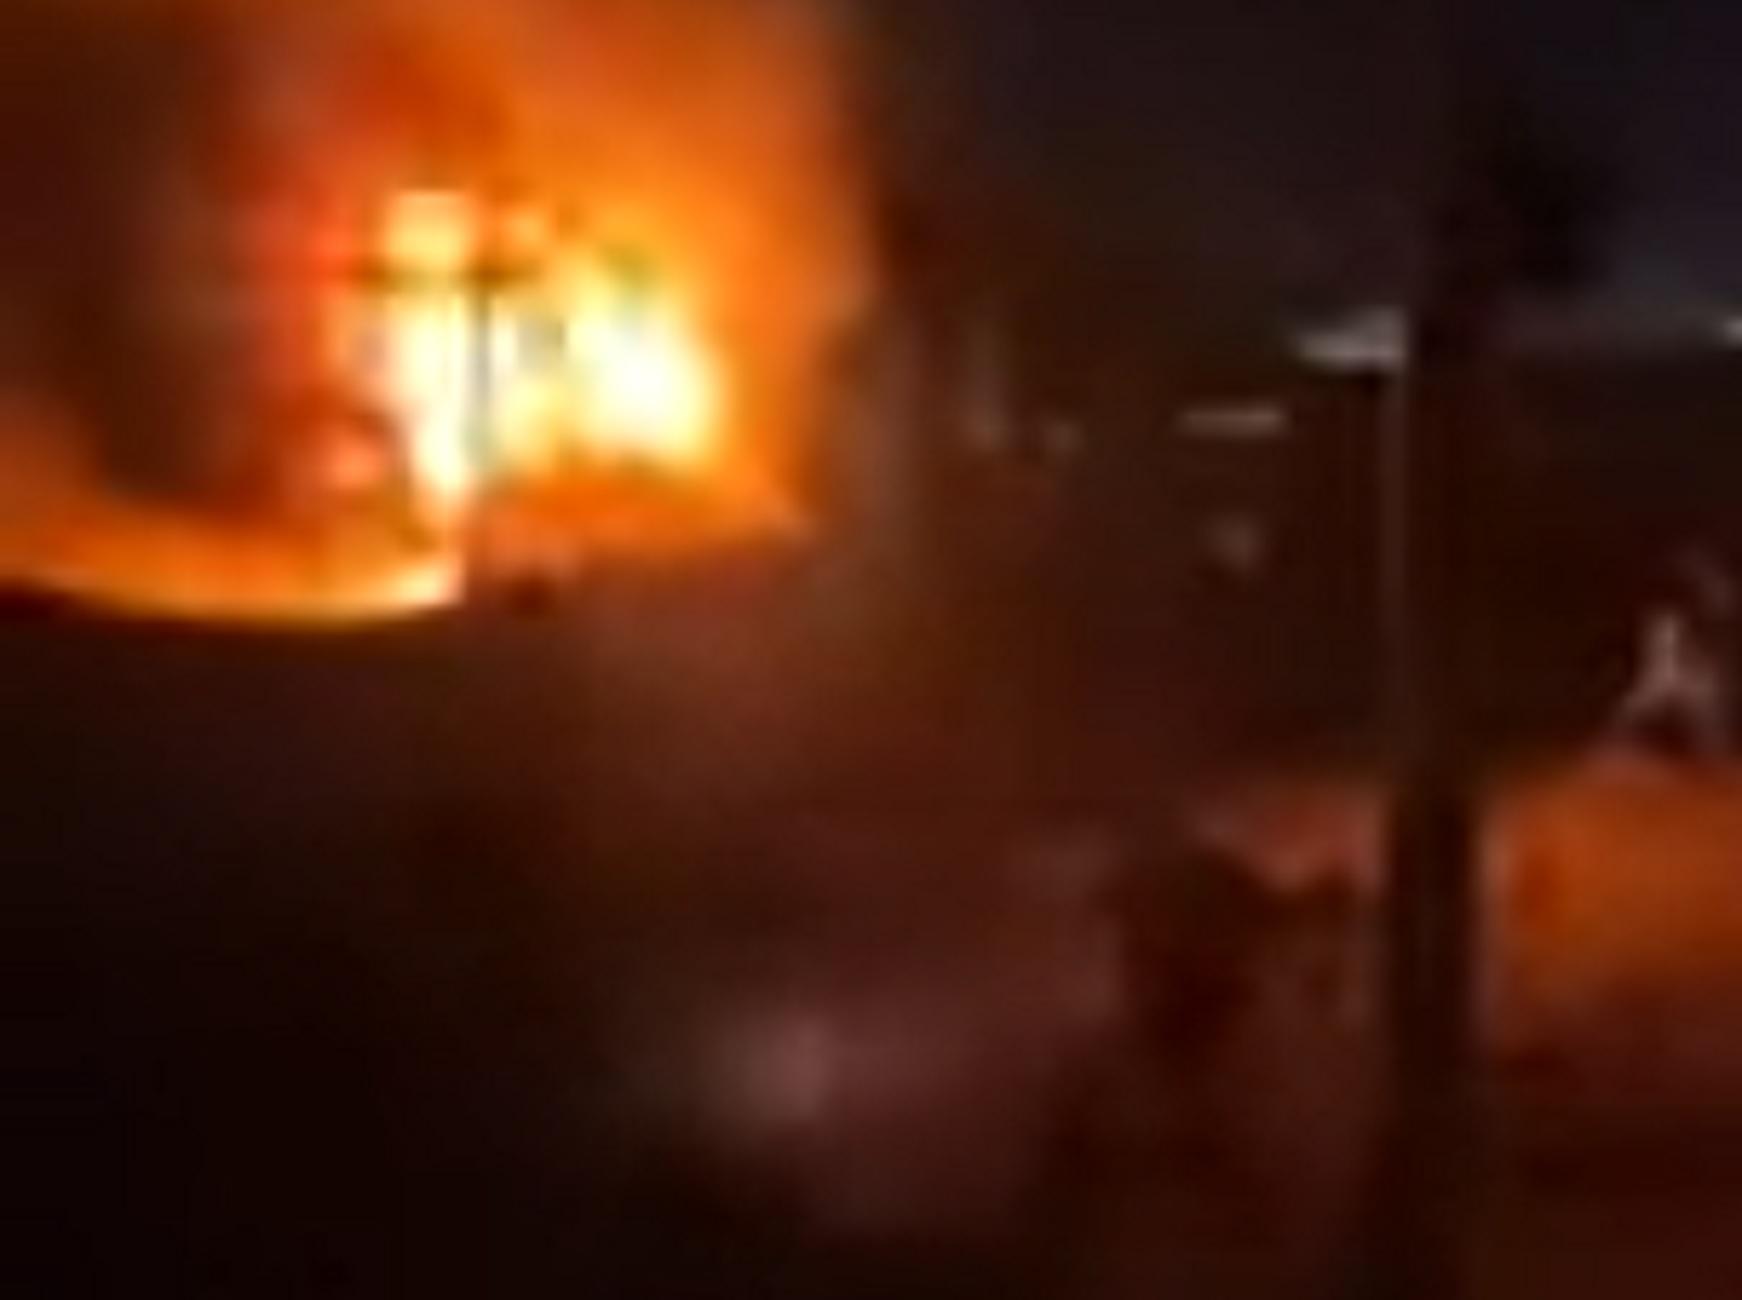 Ιράκ: 36 νεκροί από την πυρκαγιά στο νοσοκομείο Αλ Χουσέιν